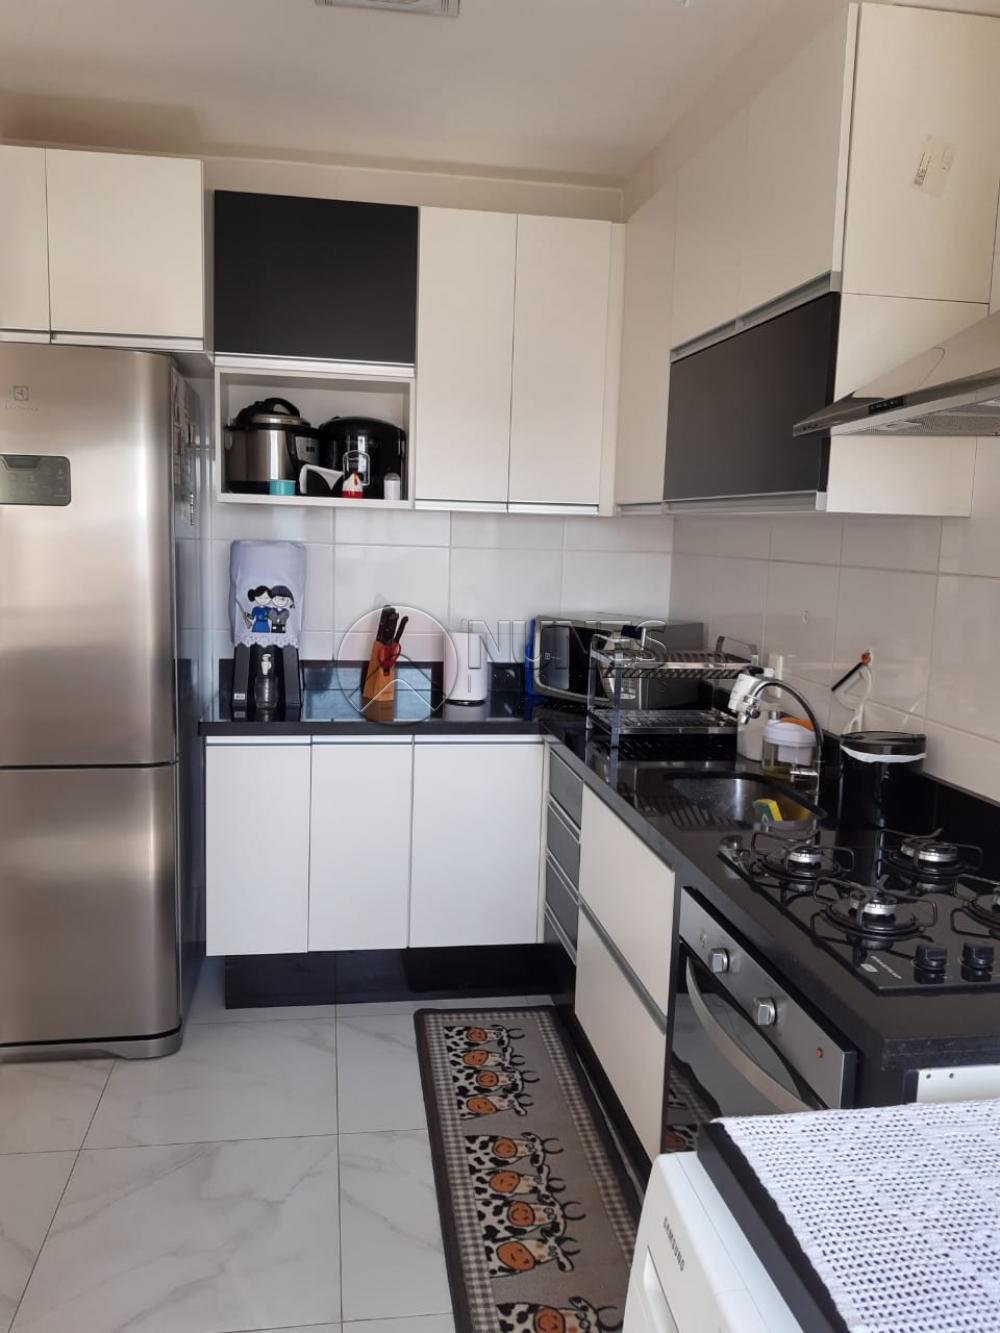 Comprar Apartamento / Padrão em Barueri apenas R$ 280.000,00 - Foto 5